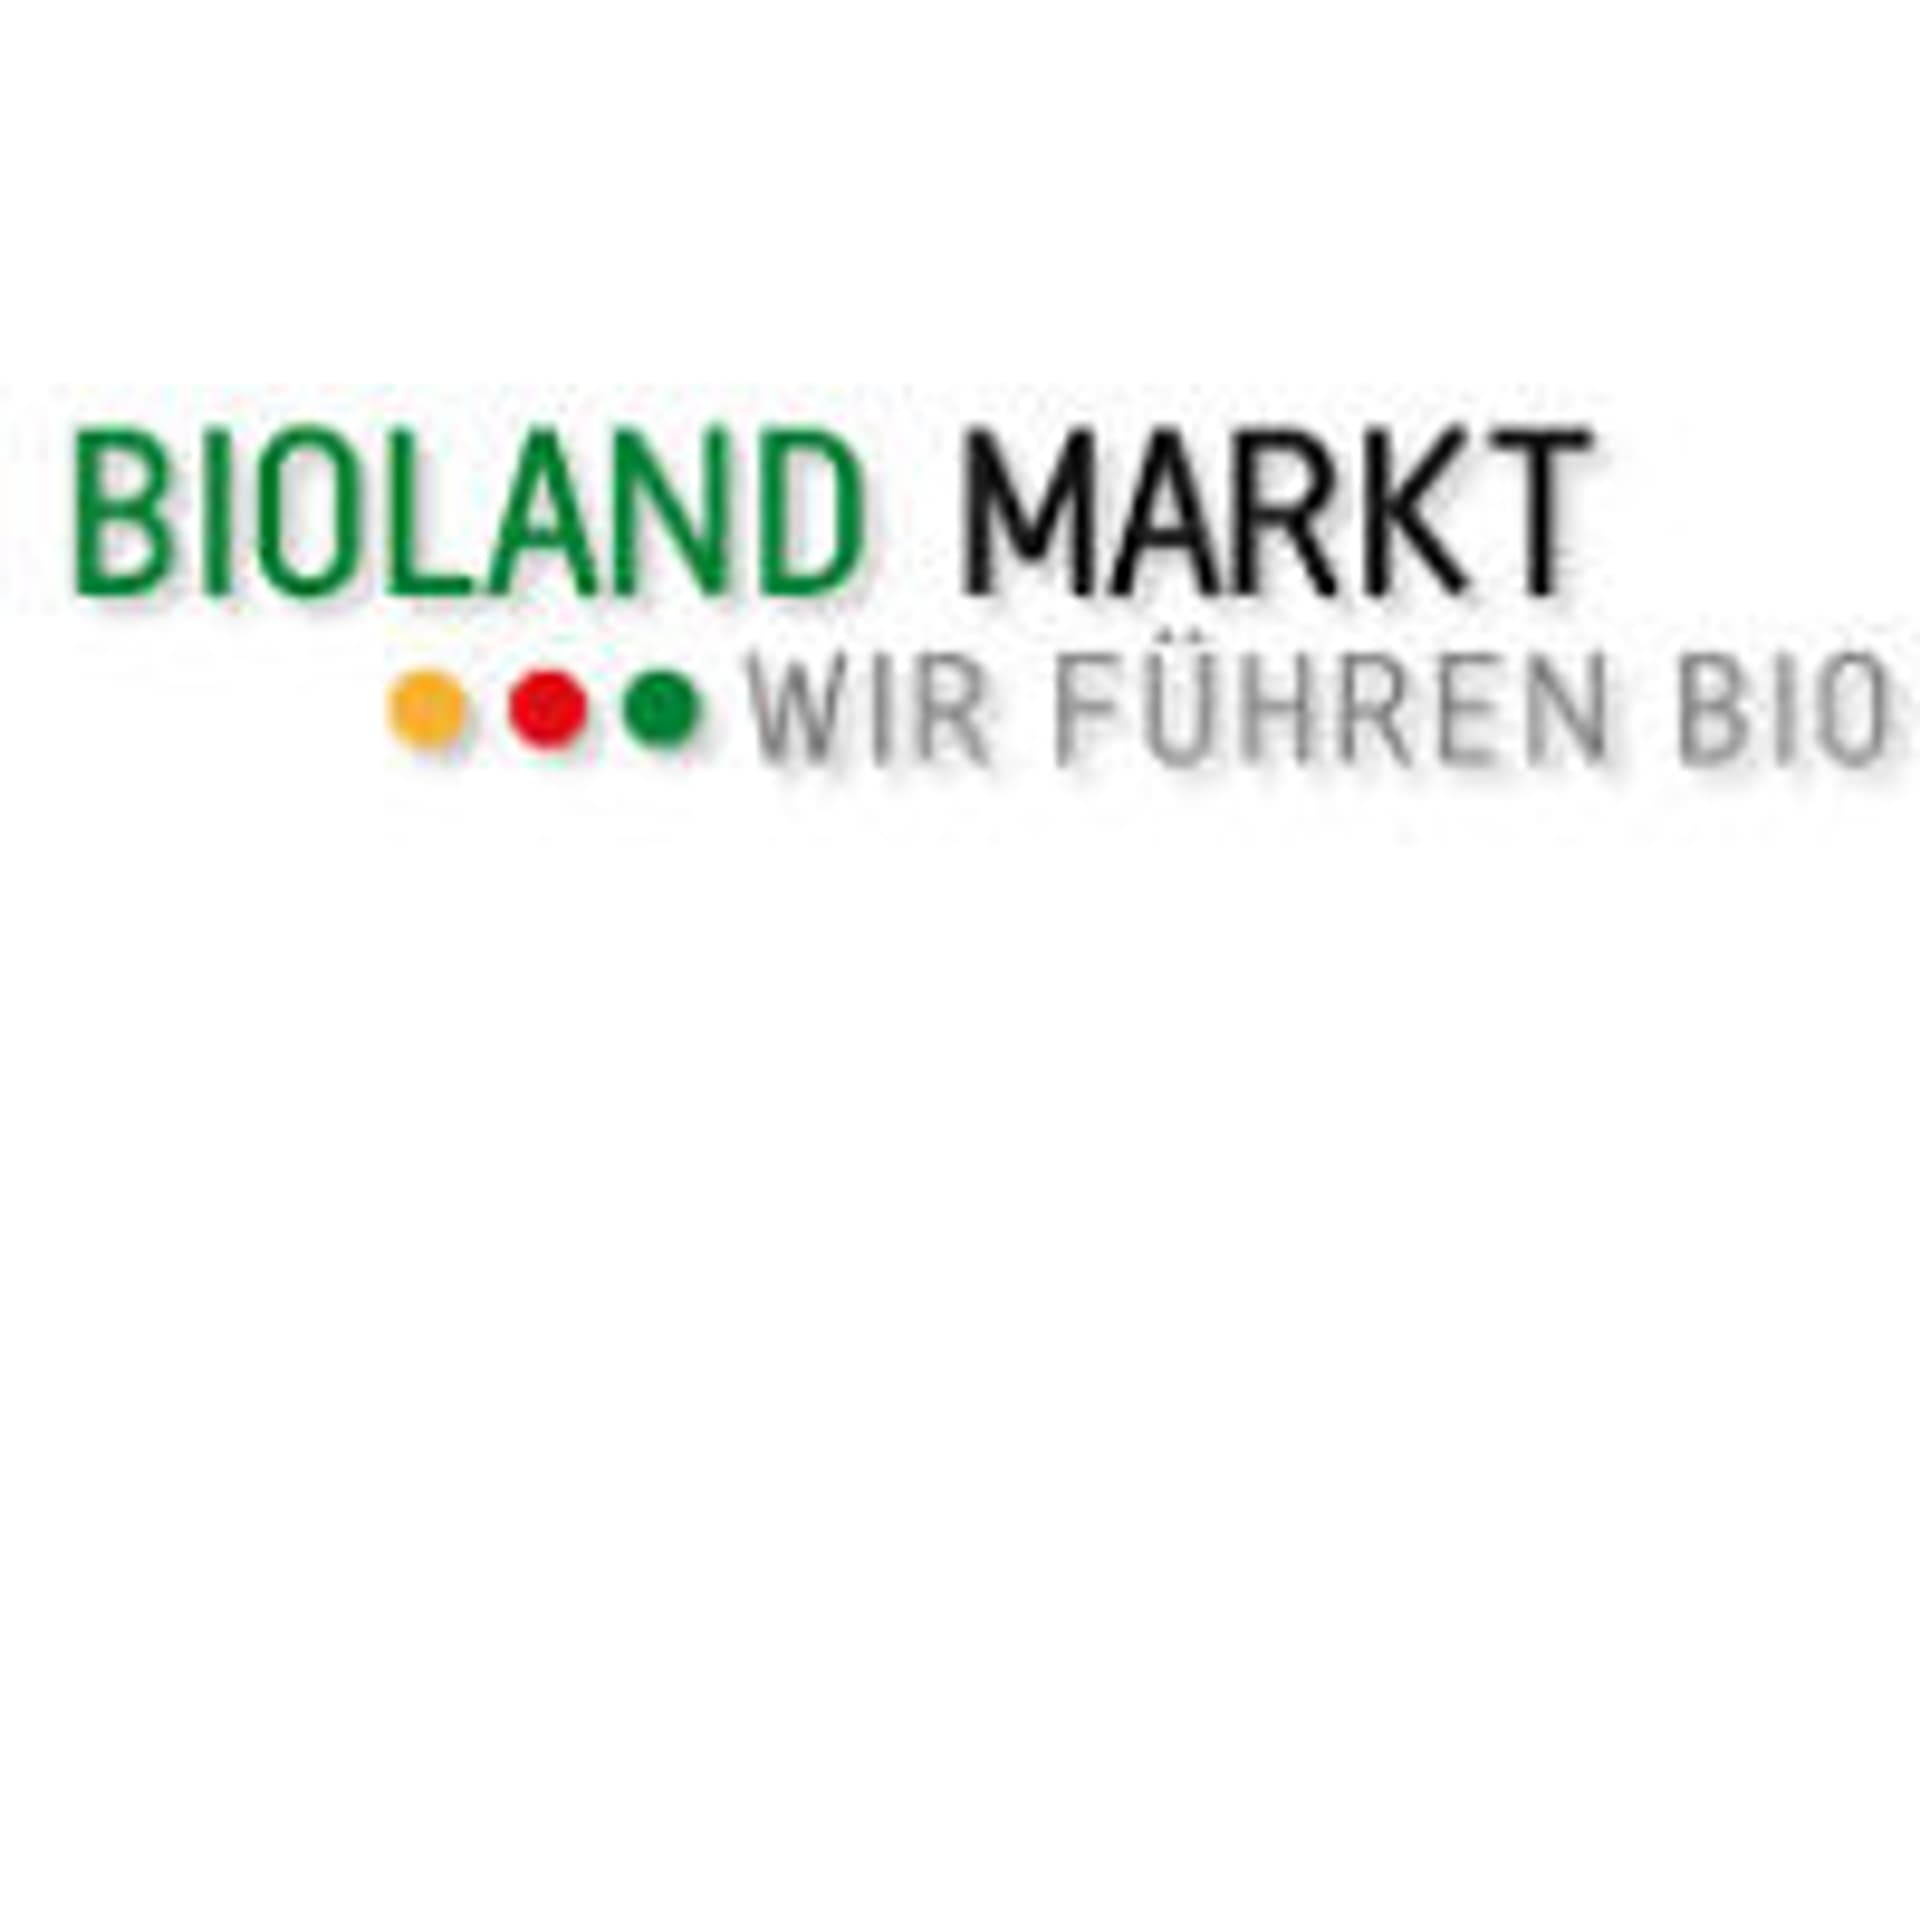 Bioland Markt